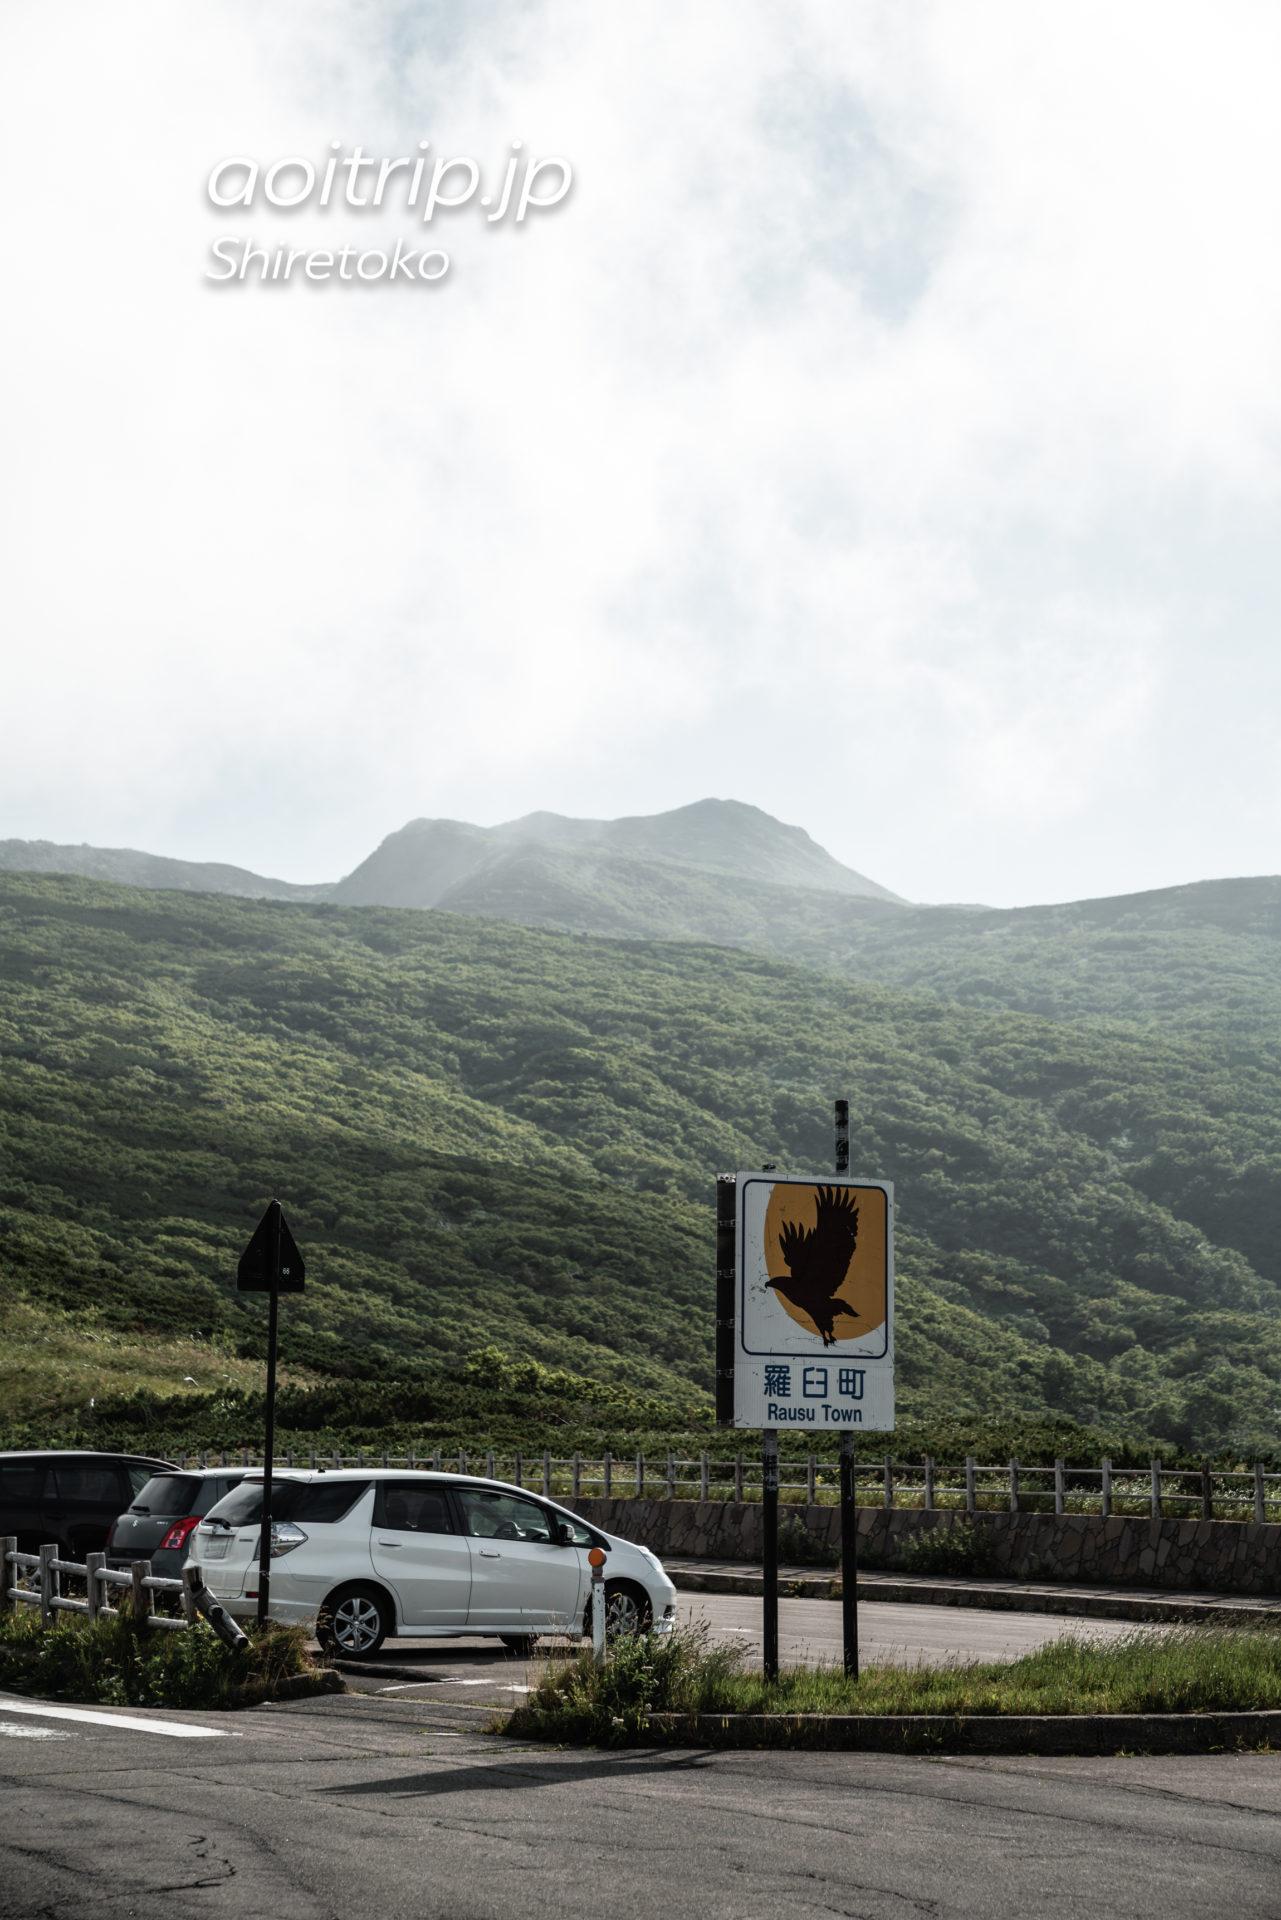 知床峠 Shiretoko Pass 北海道羅臼町のカントリーサイン